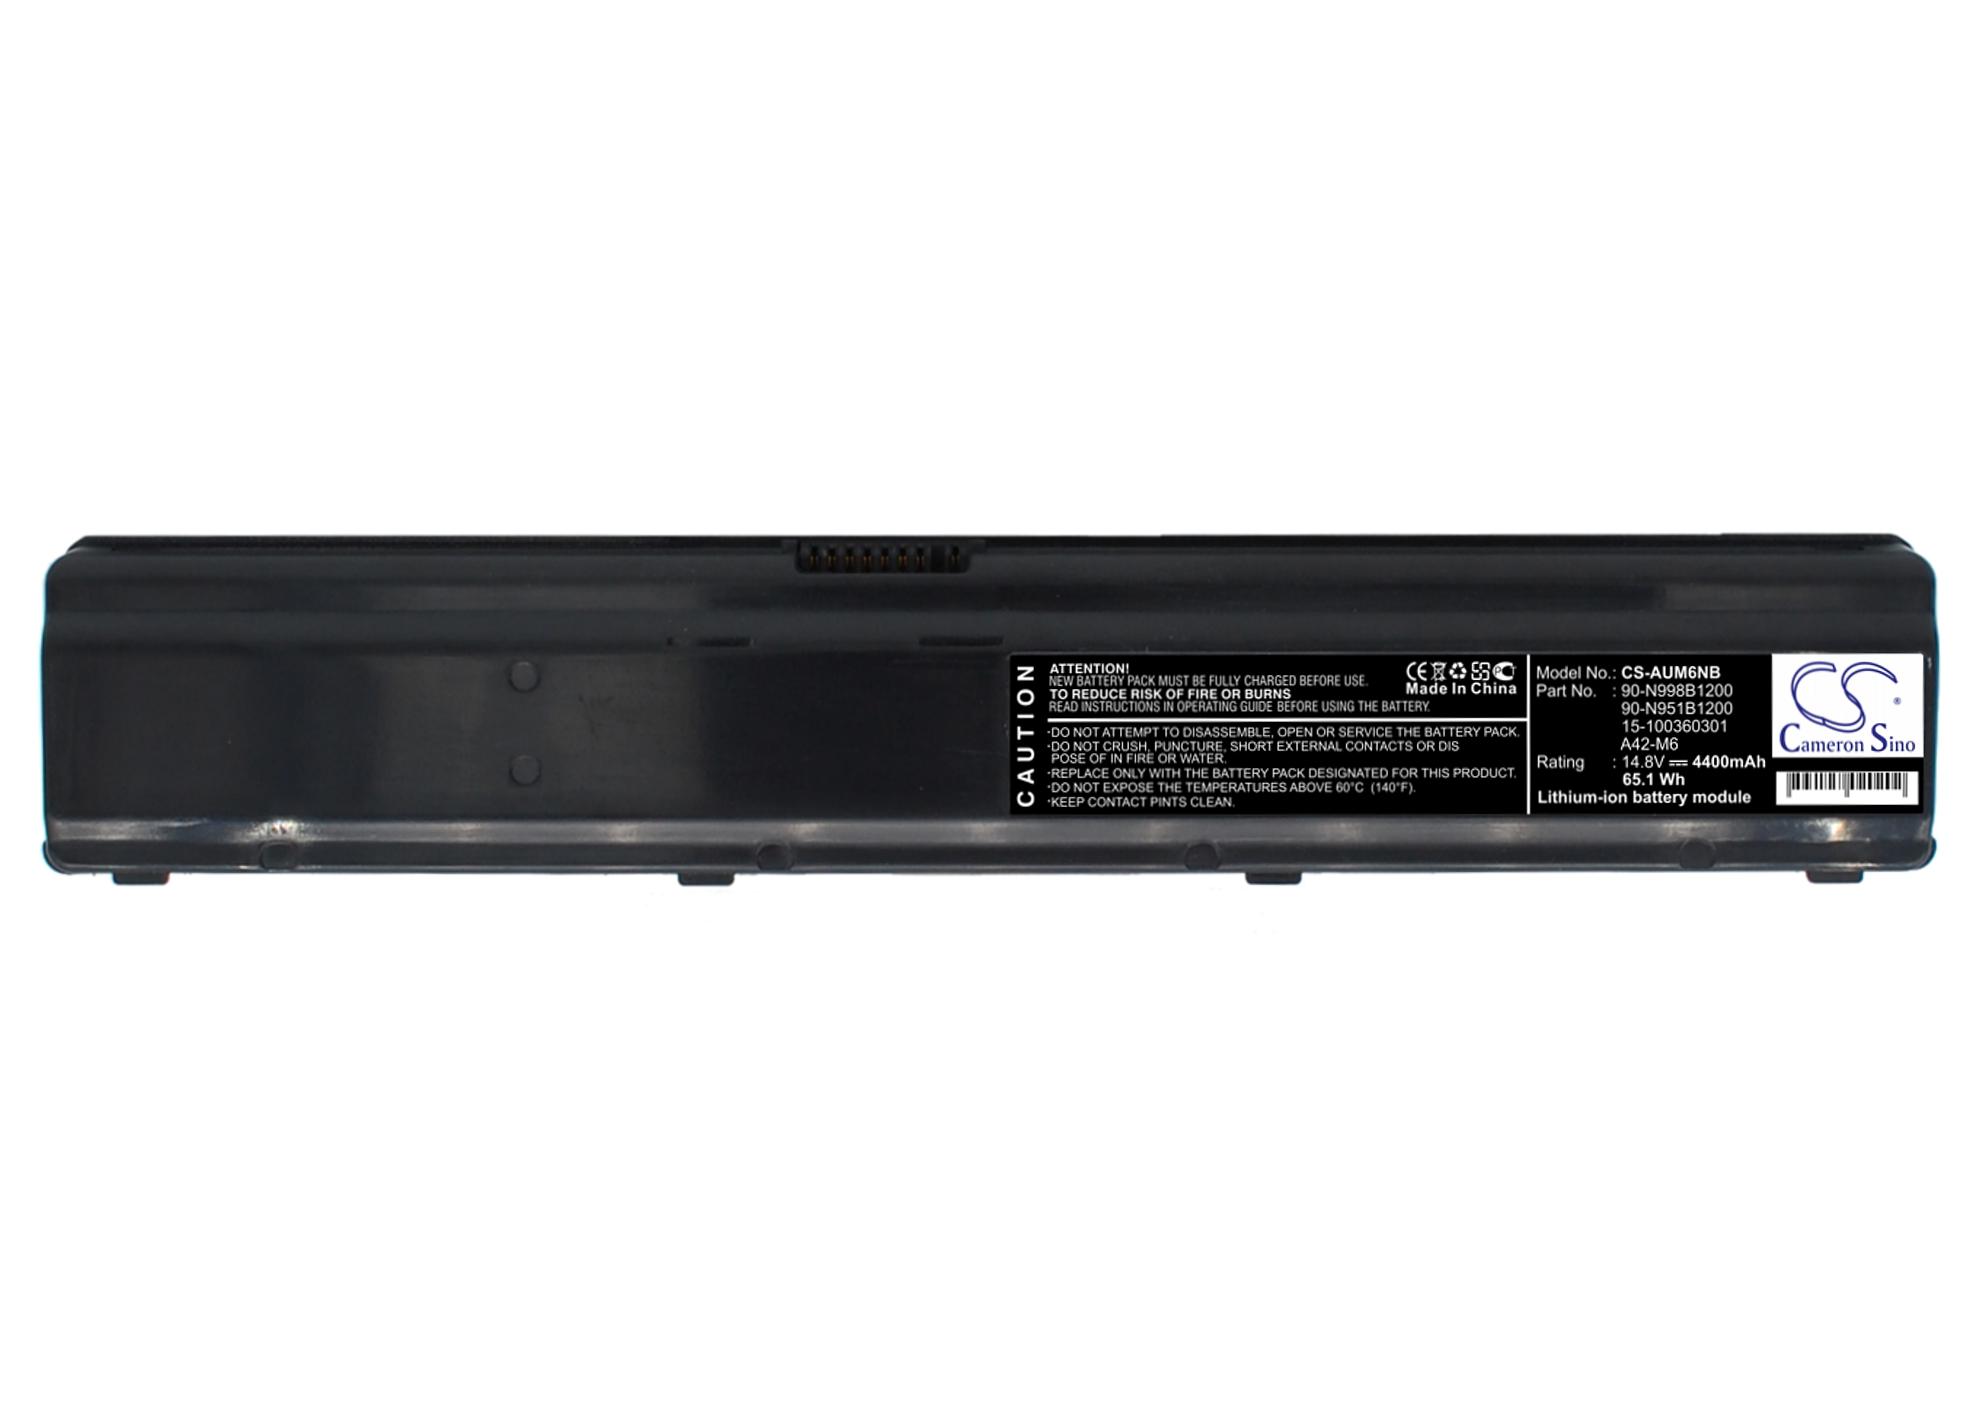 Cameron Sino baterie do notebooků pro ASUS M6 14.8V Li-ion 4400mAh černá - neoriginální